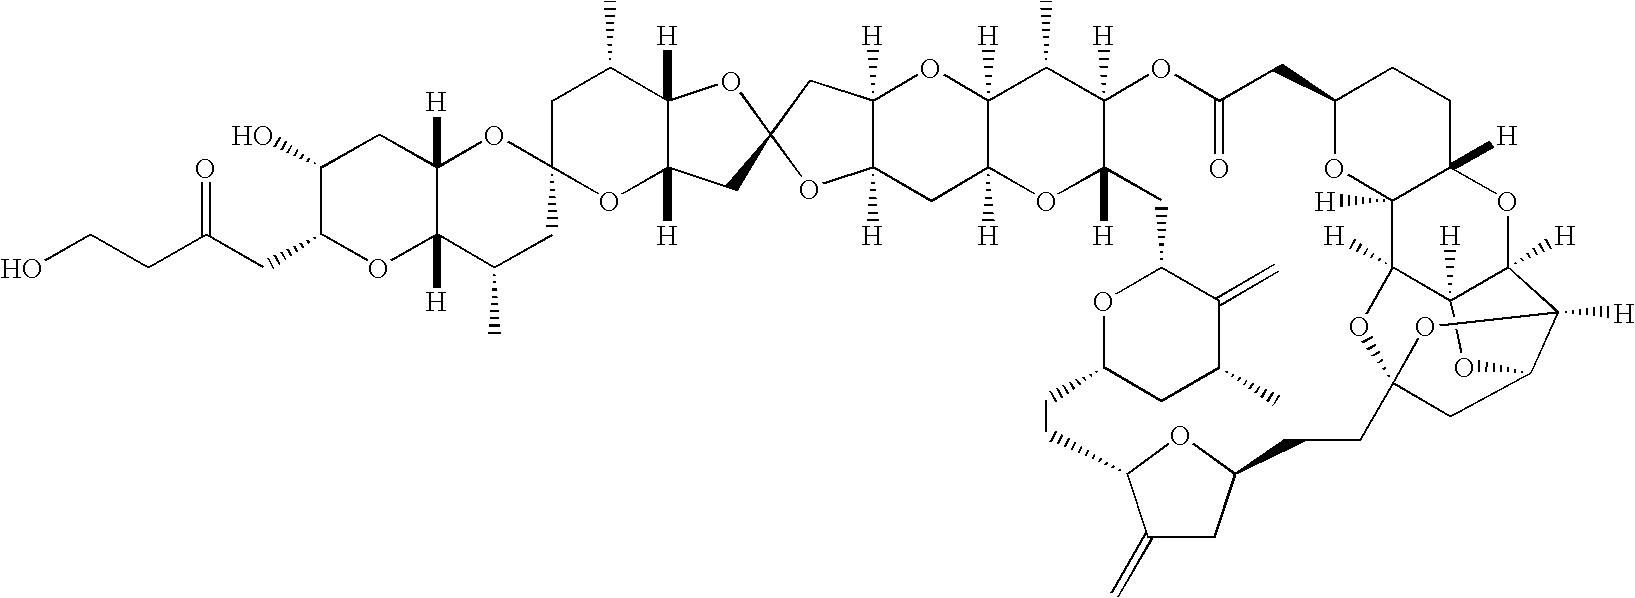 Figure US07173003-20070206-C00032